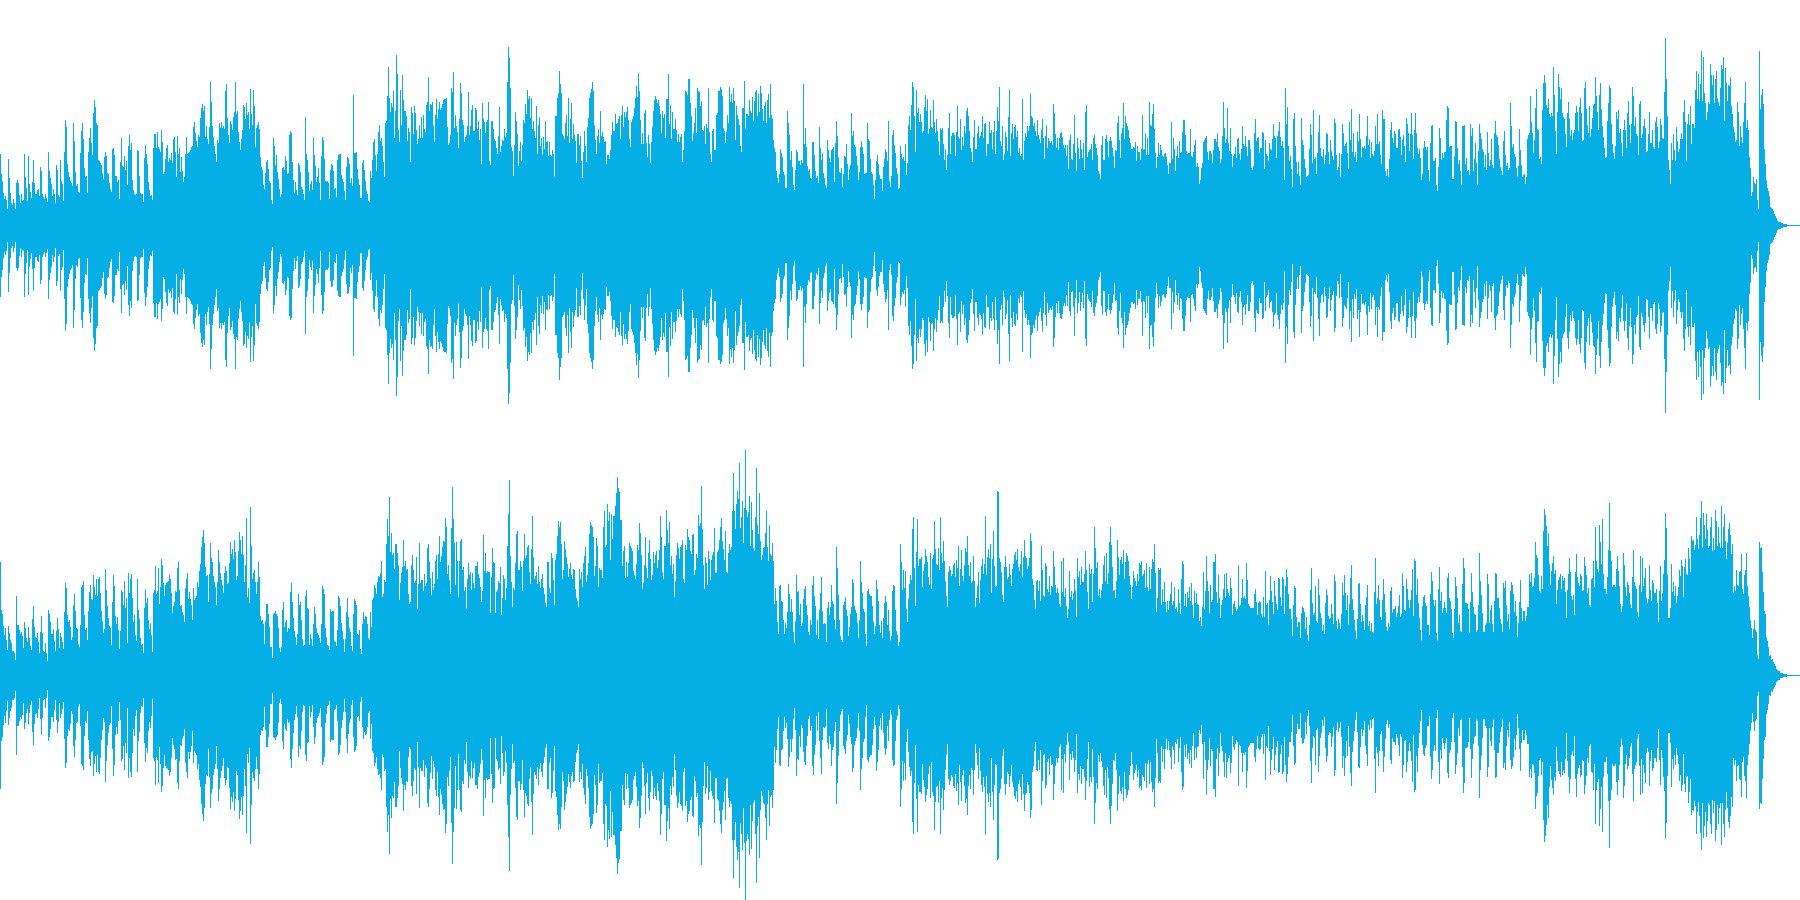 お化けの大行進!(ハロウィンっぽい)の再生済みの波形